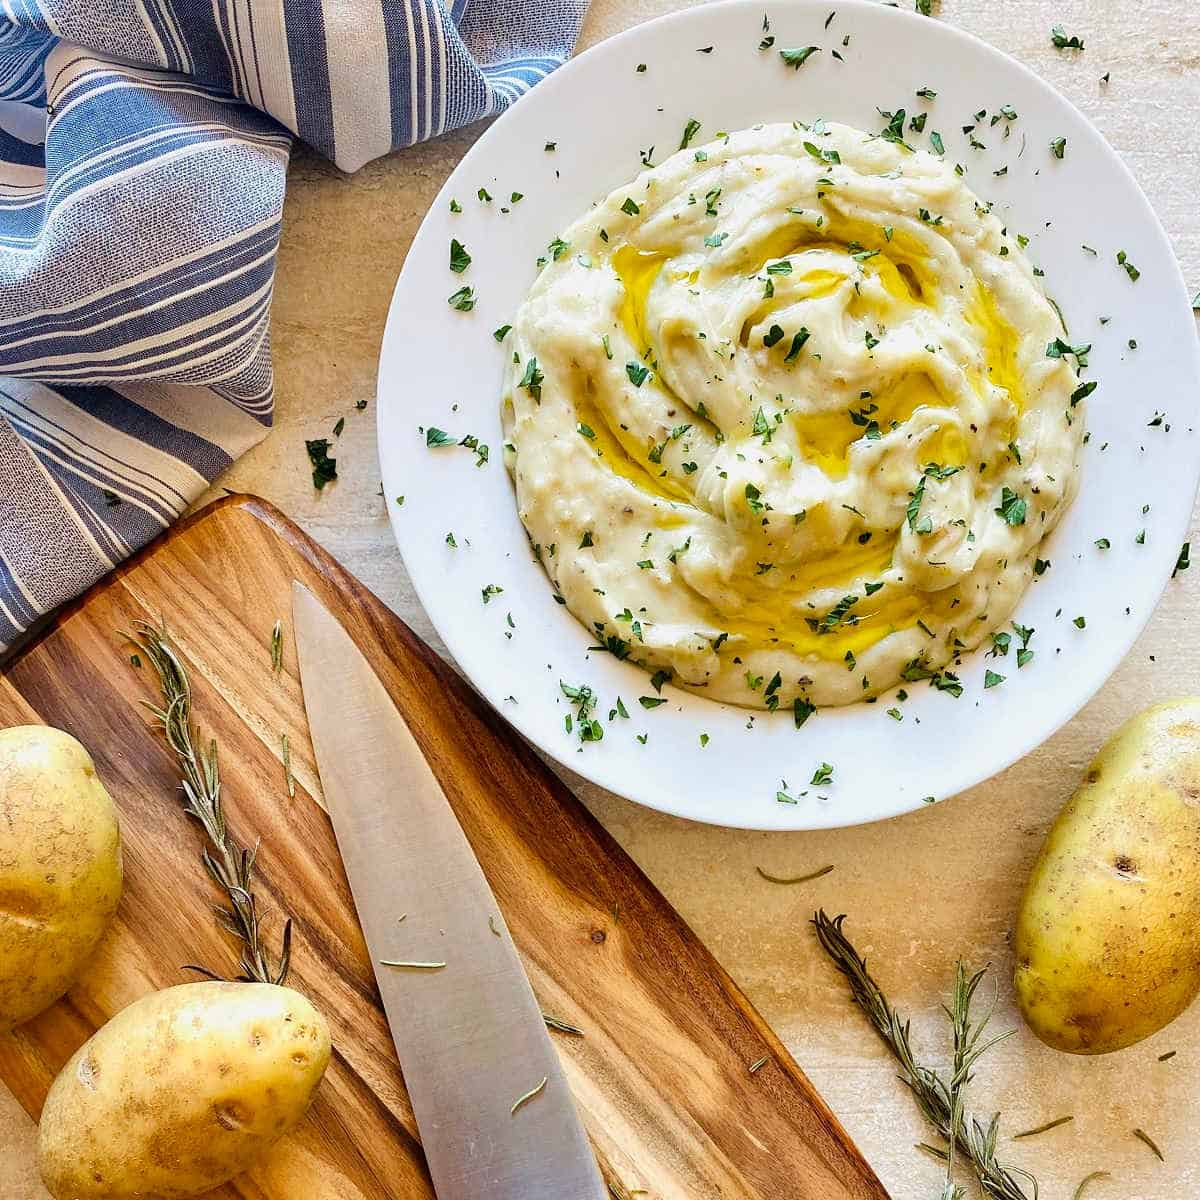 whole30 mashed potatoes almond milk - Amanda Seghetti